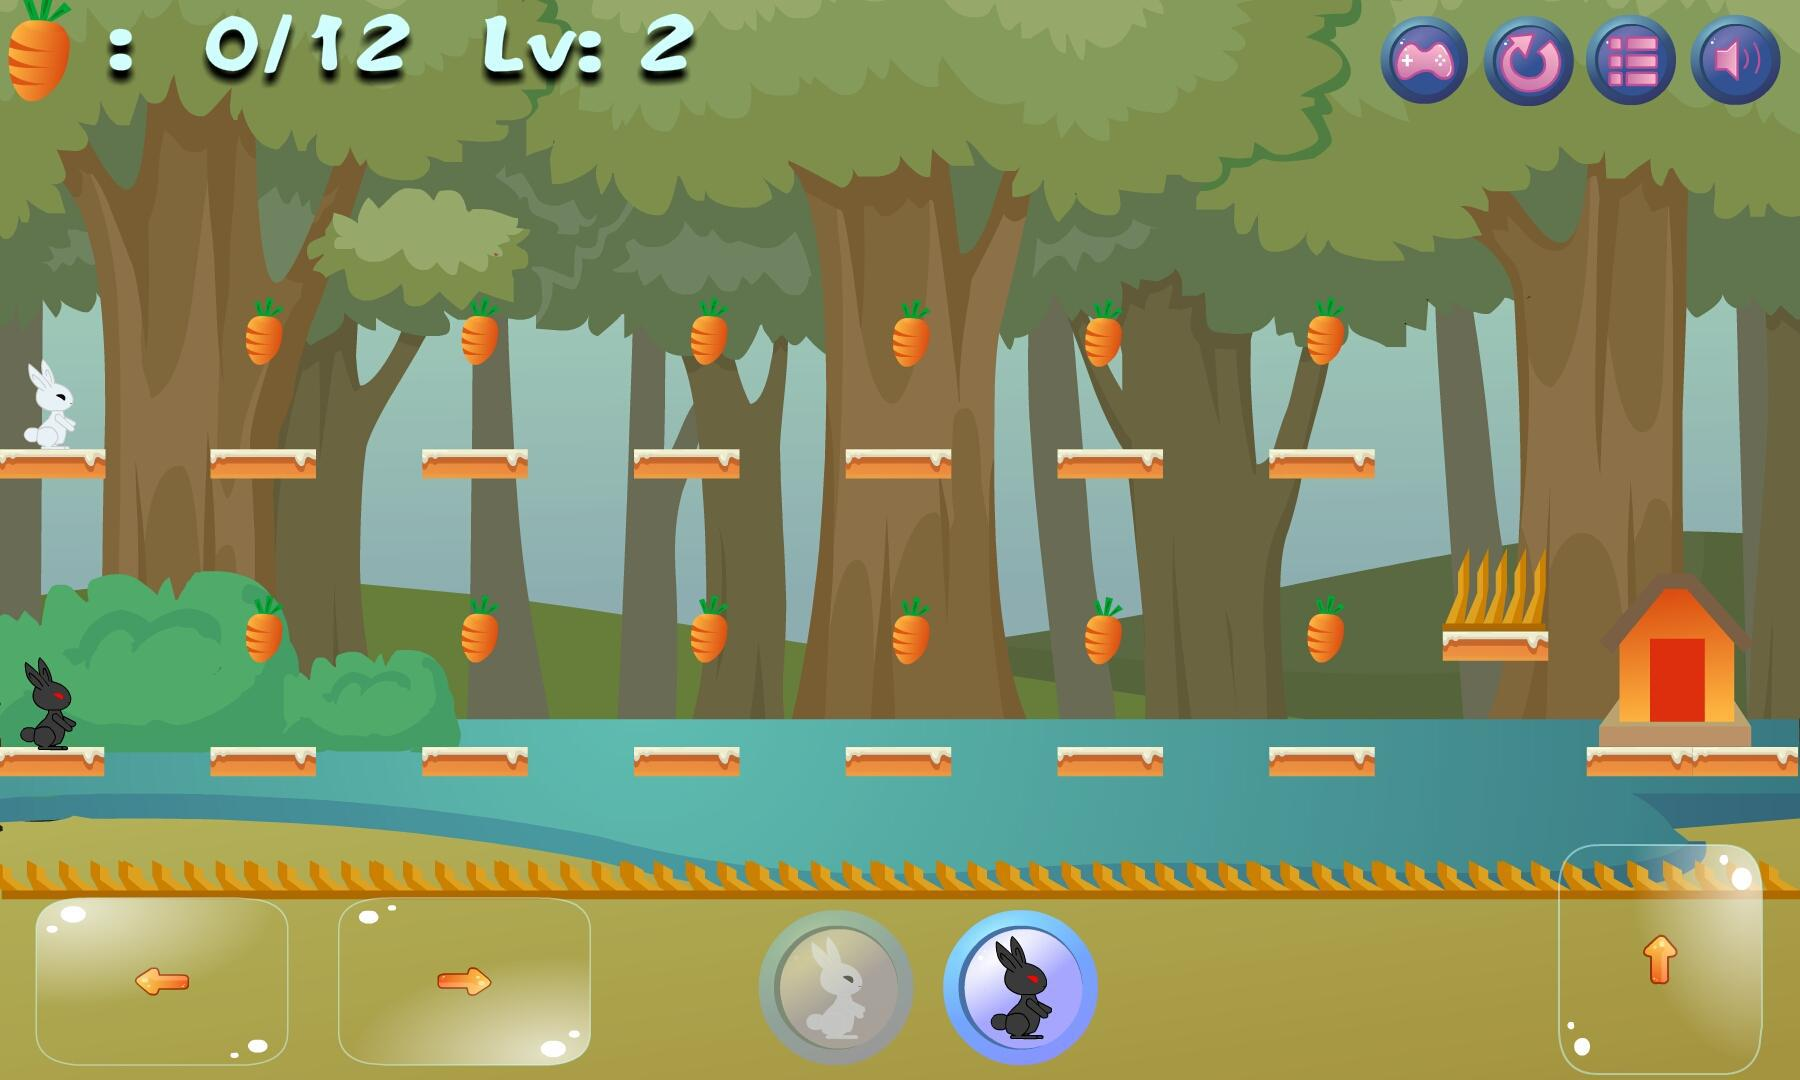 双人游戏 - 兔子兄弟回家 游戏截图5